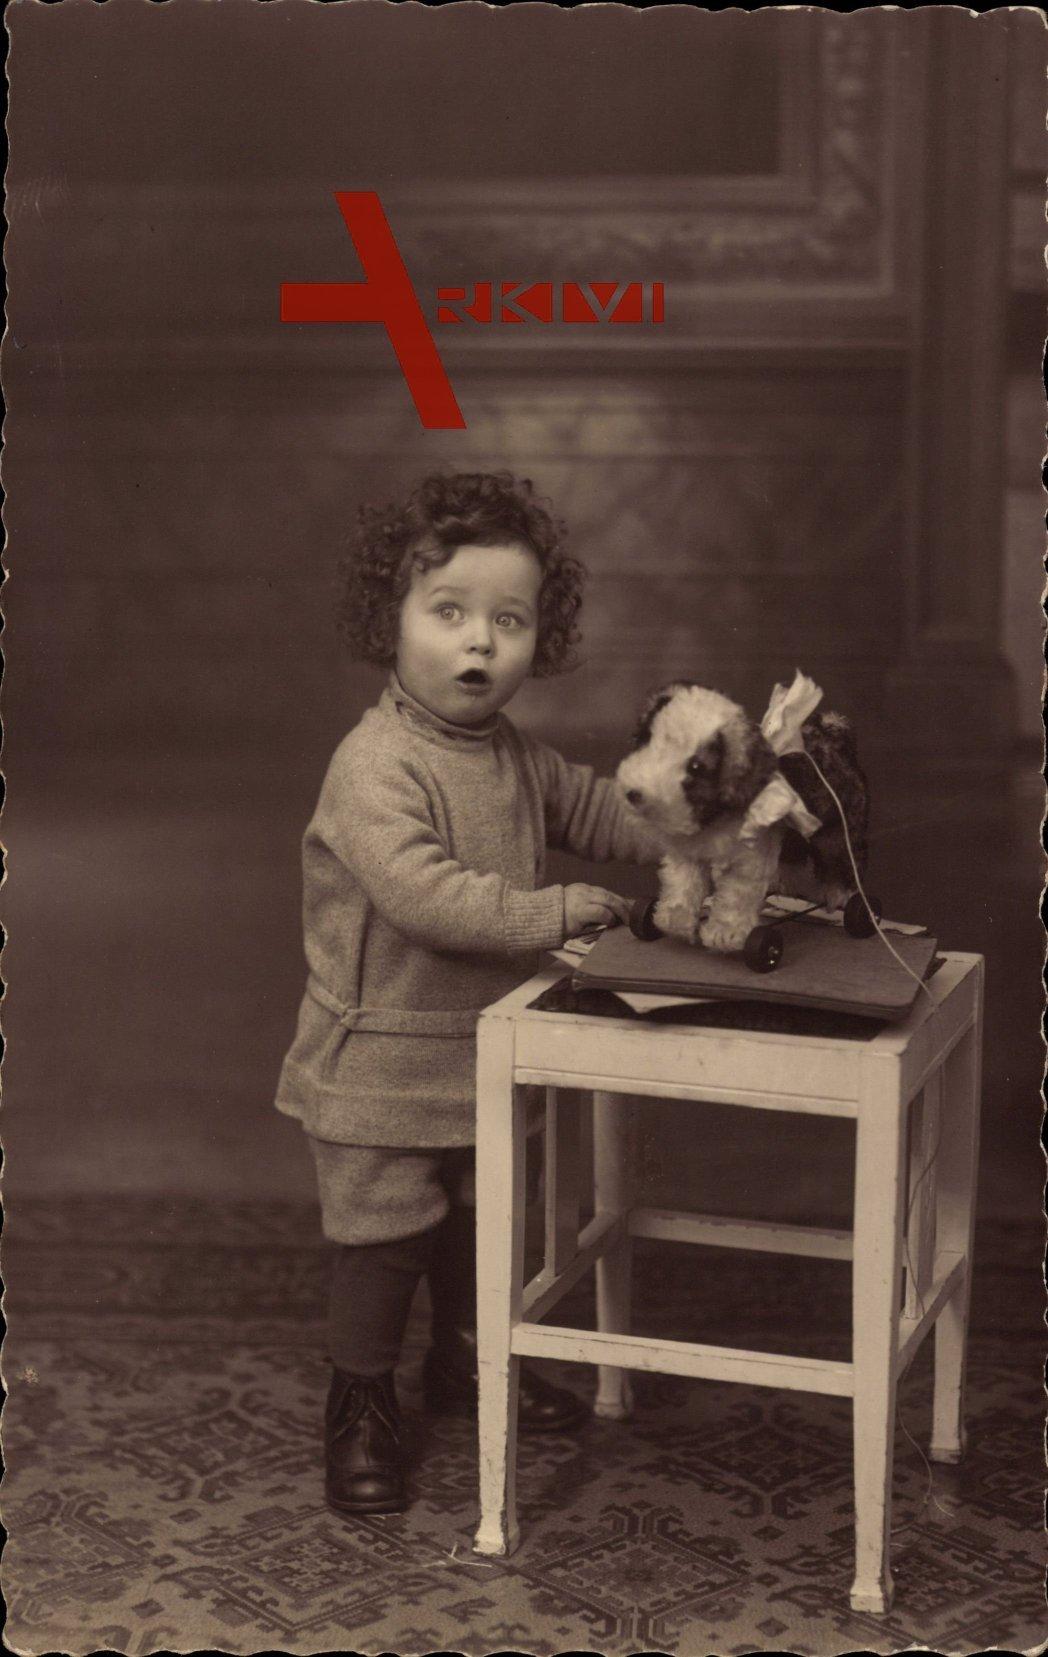 Kleinkind mit seinem Spielzeug, Teddy auf Rädern, Tisch